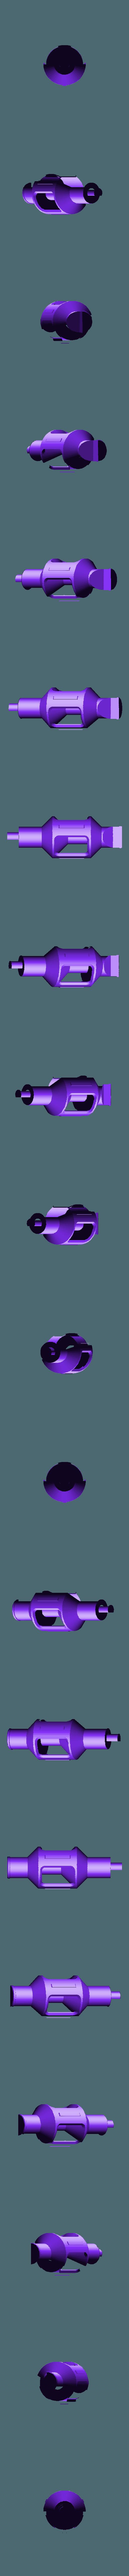 CSS-holder.stl Download free STL file Hand Crank Solder Dispenser • 3D printable design, Adafruit